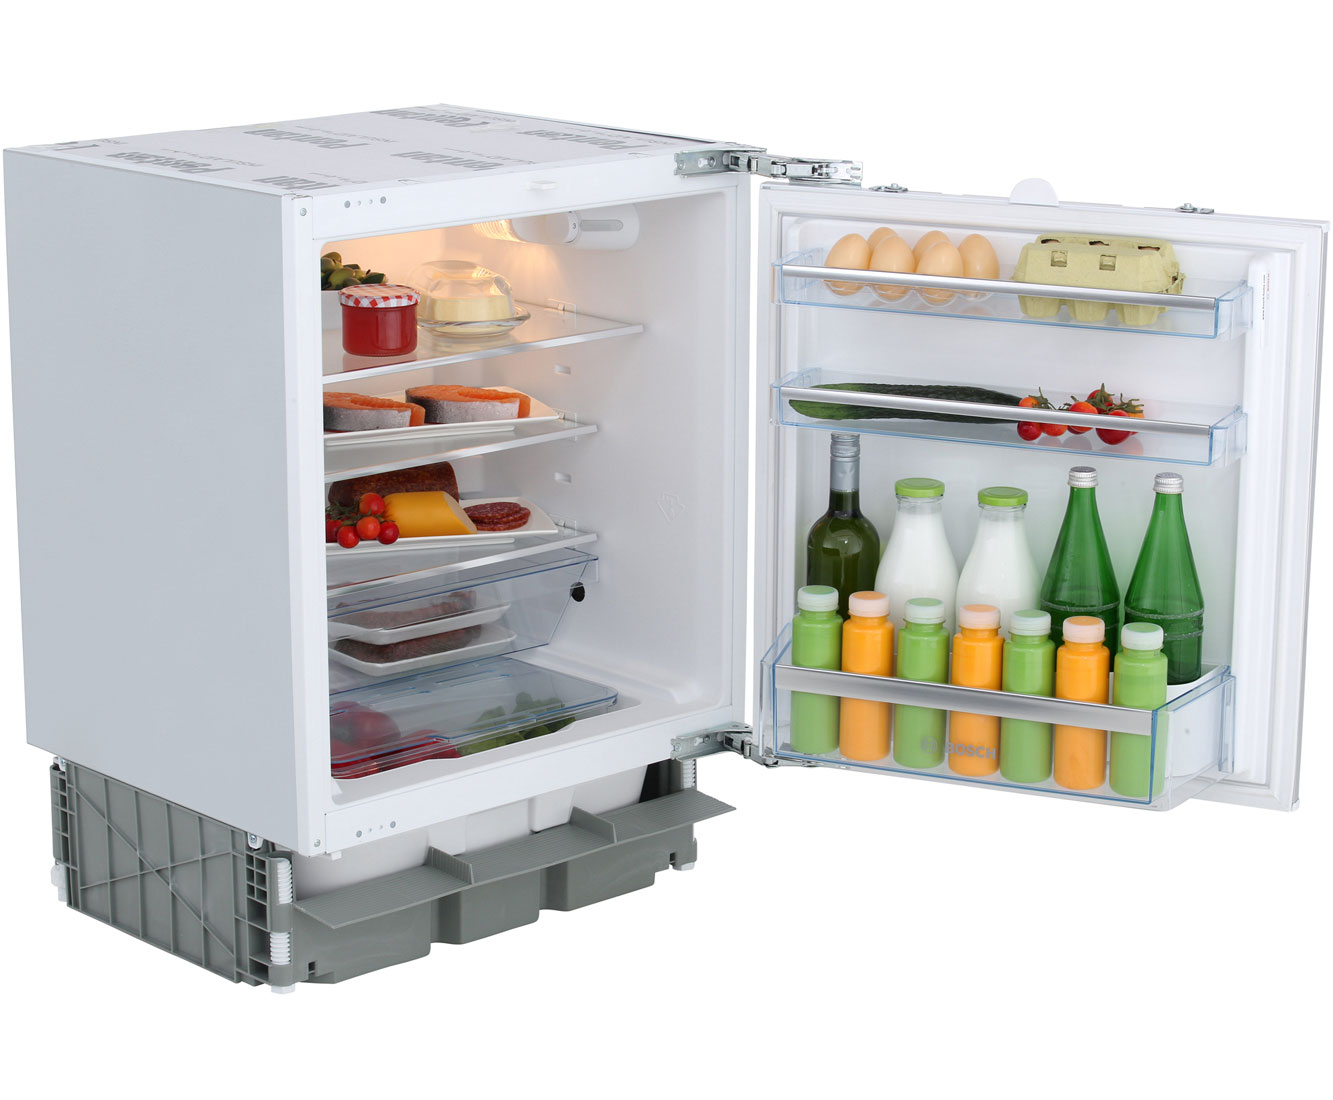 Bosch Kühlschrank Nass : Bosch serie kur a einbau kühlschrank er nische festtür